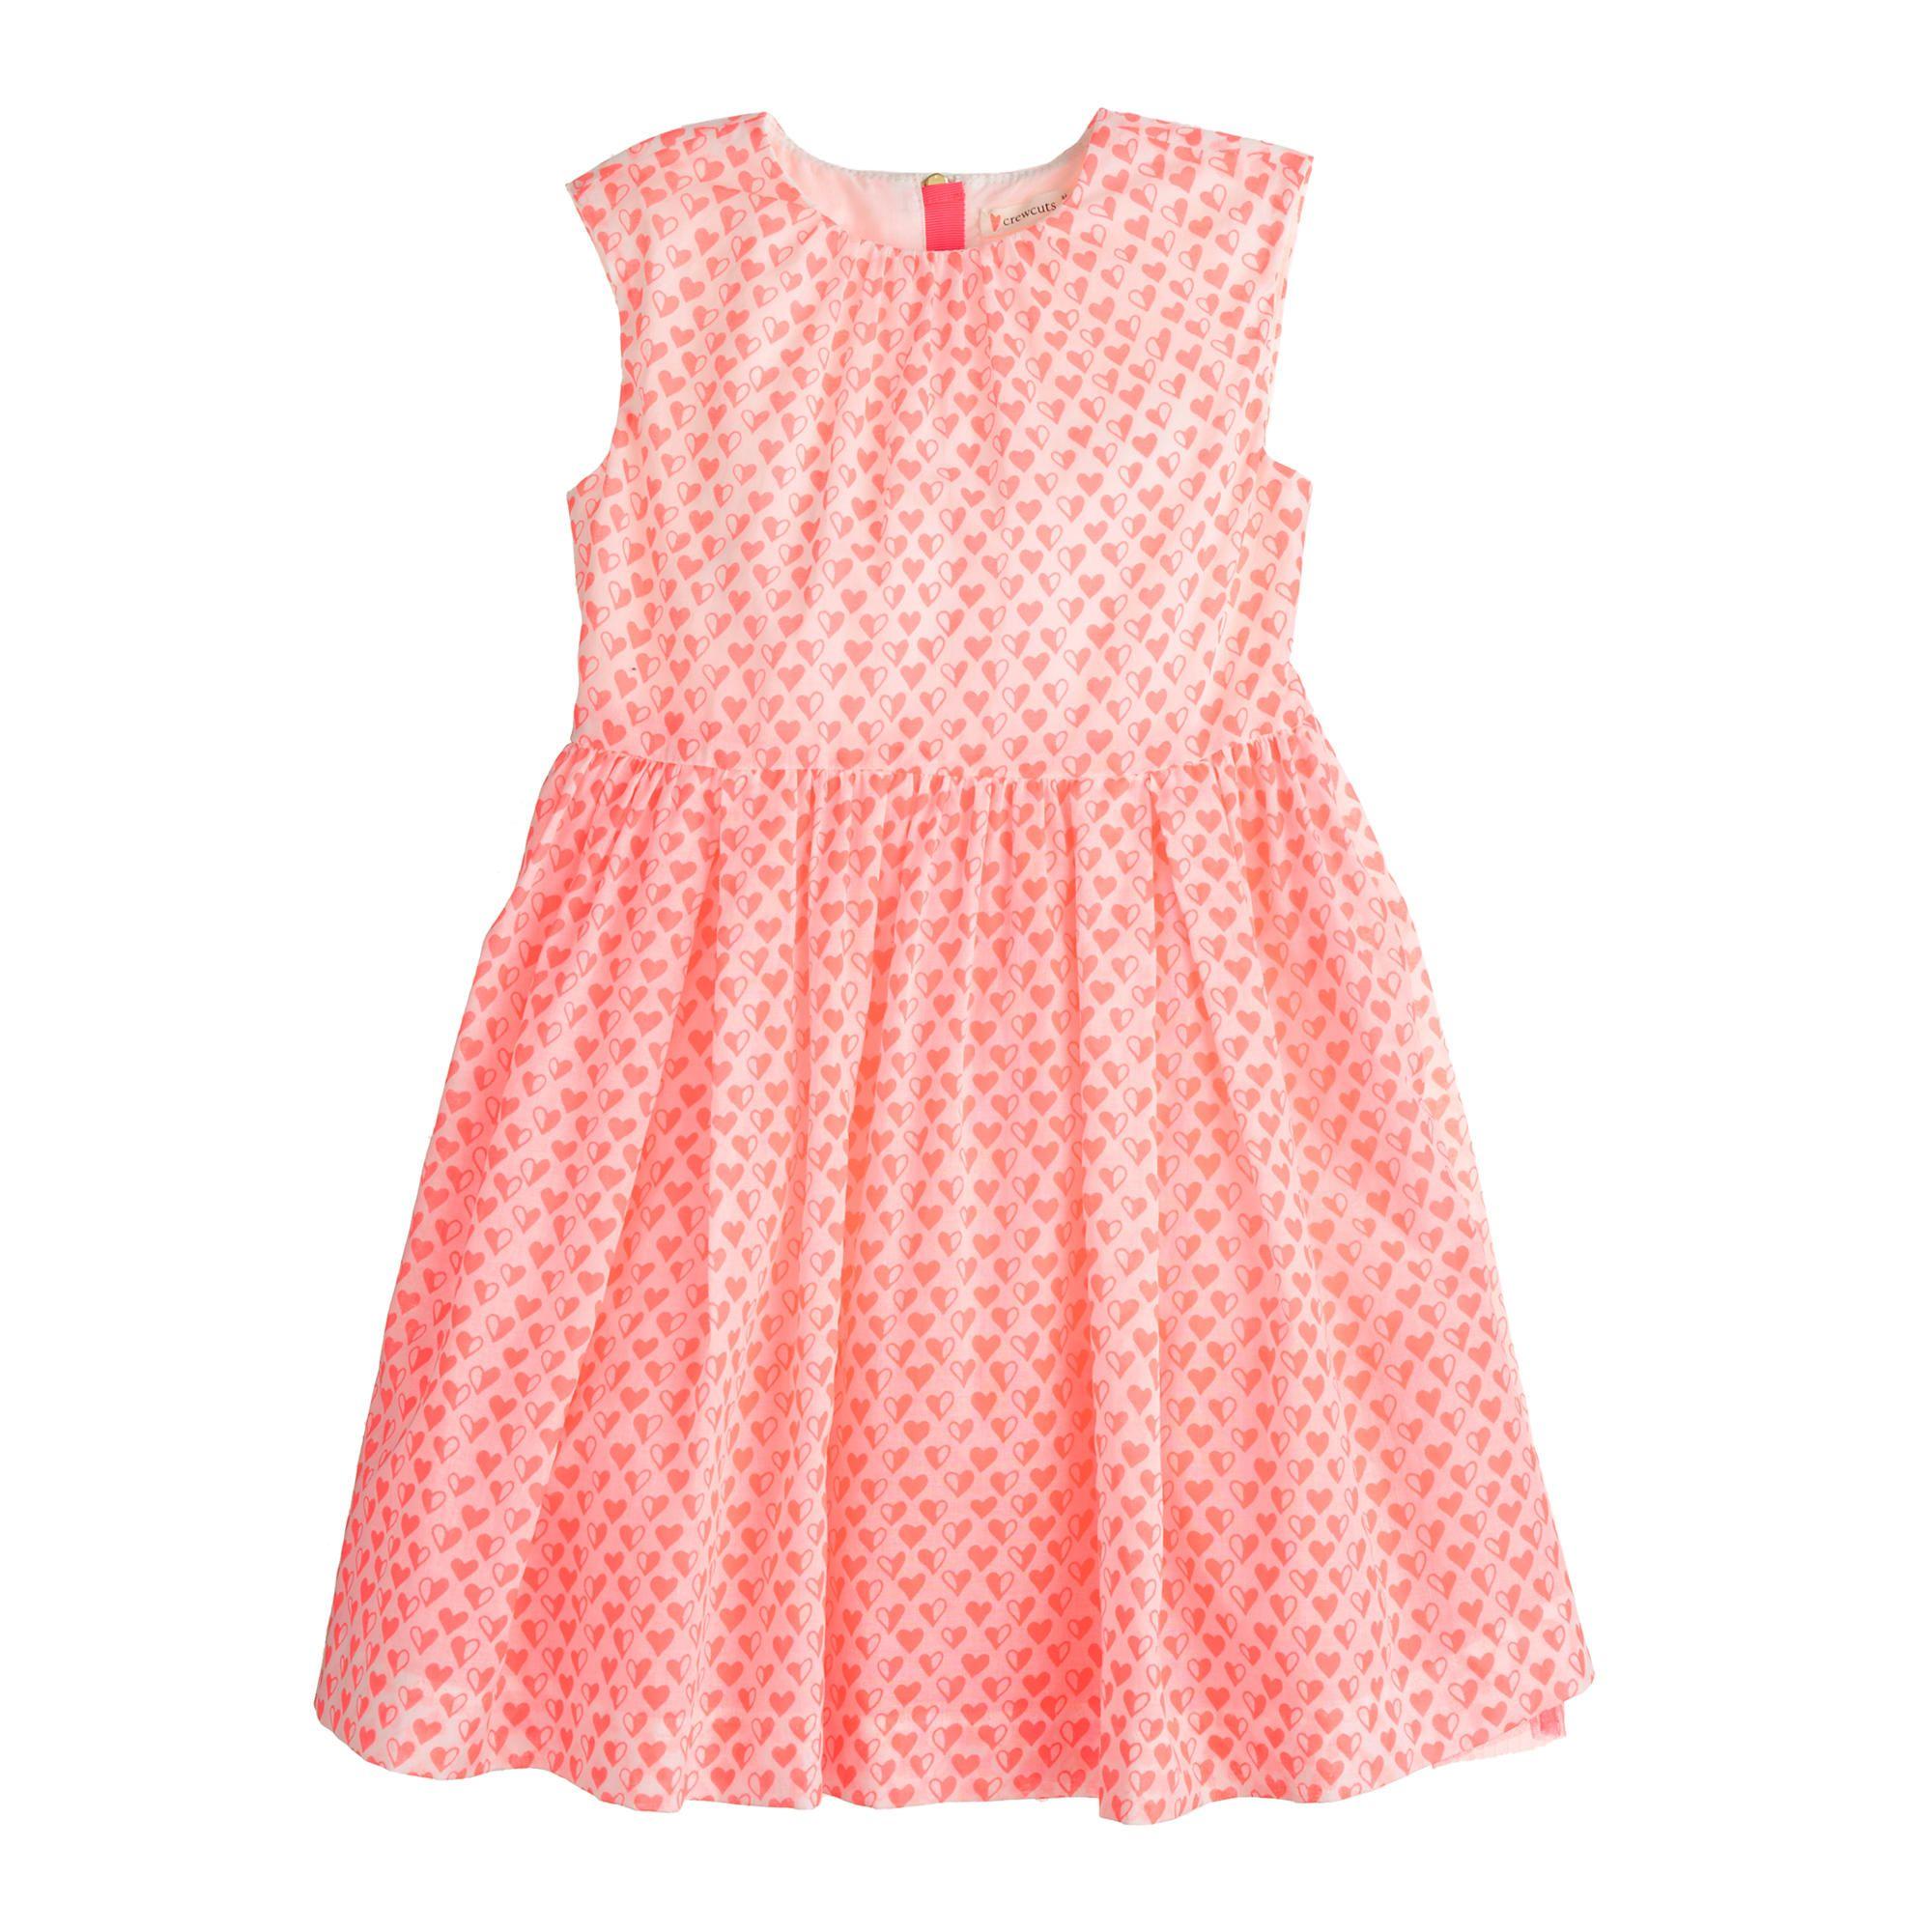 db1b3877662 J.Crew - Girls  mini heart dress